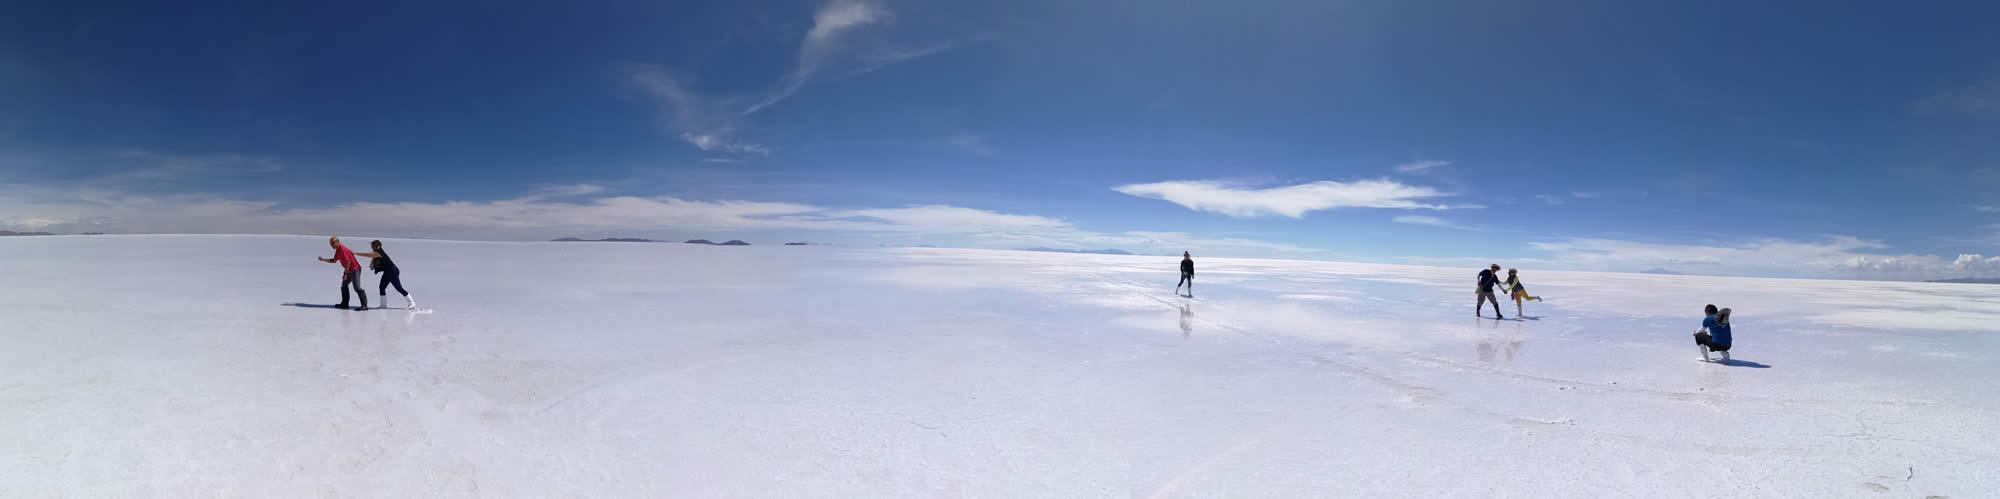 Salt Flats Bolivia Panorama 2020